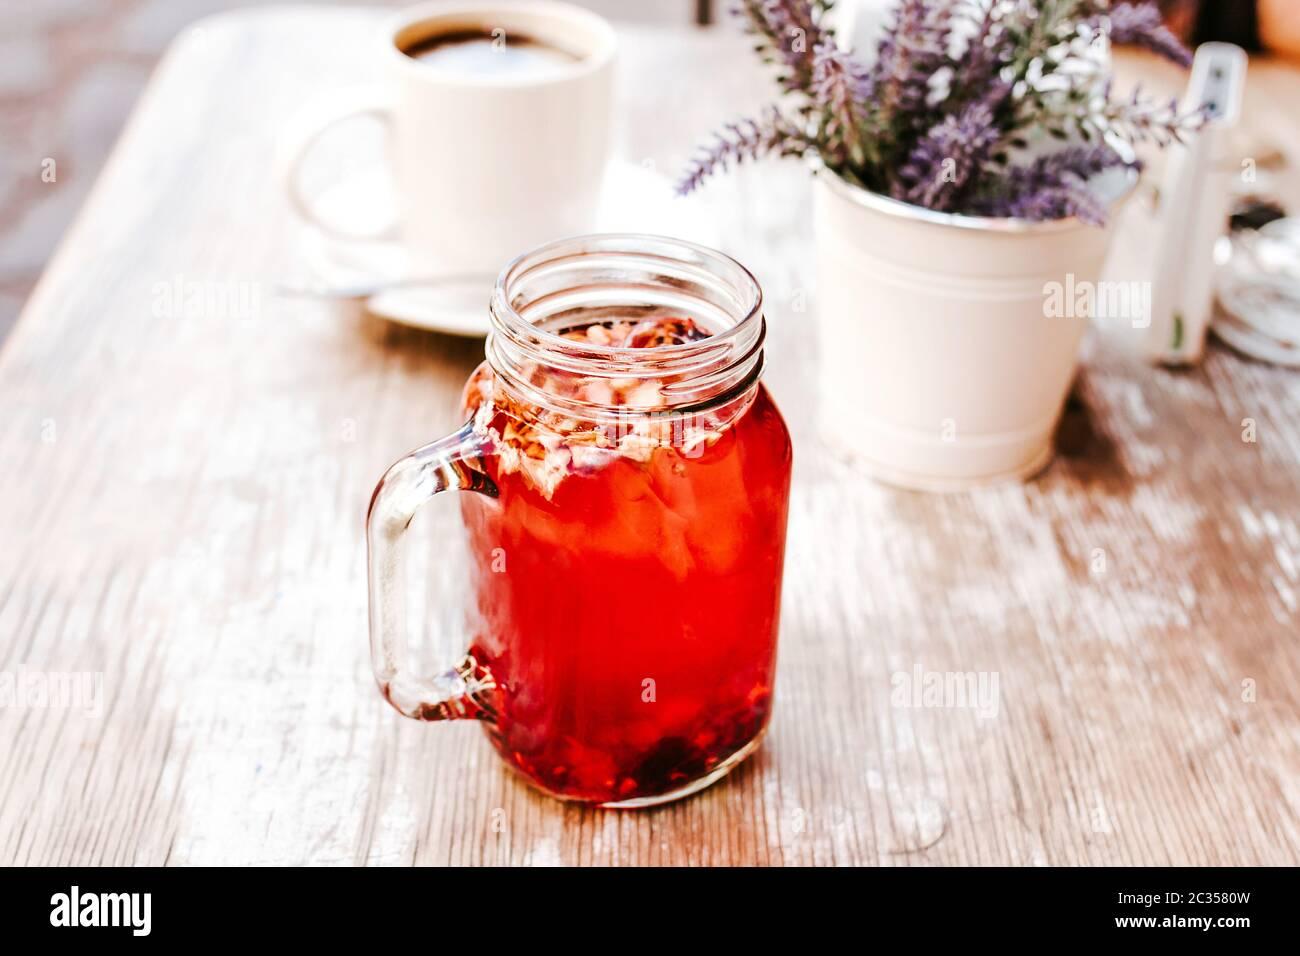 Tisana o té de hierbas rojas en un frasco transparente de cristal en una mesa al aire libre en una casa de té en la calle Foto de stock